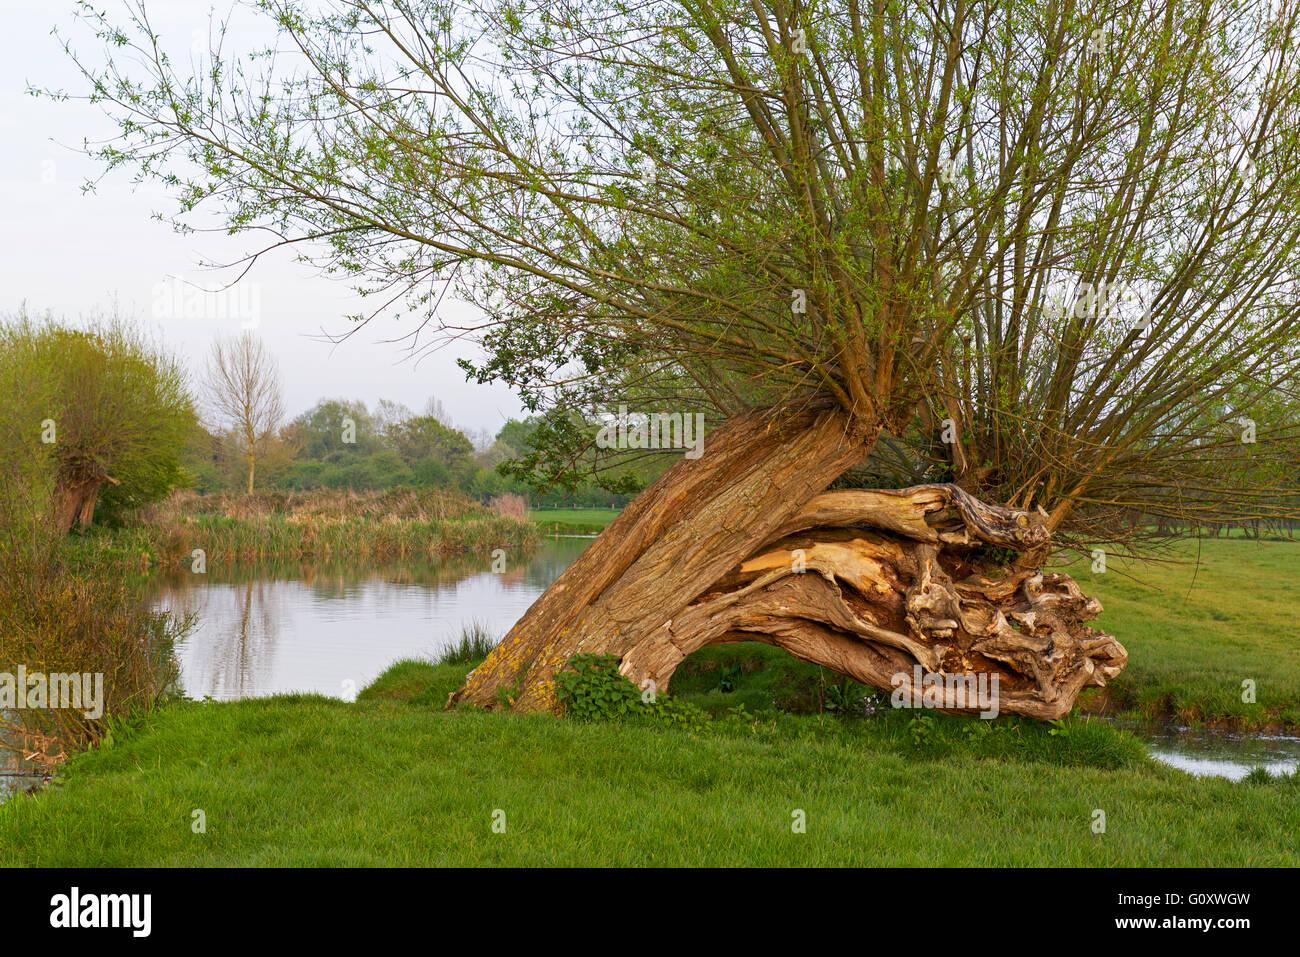 Beschnitten Weidenbaum Vom Fluss Stour Dedham Vale Essex England